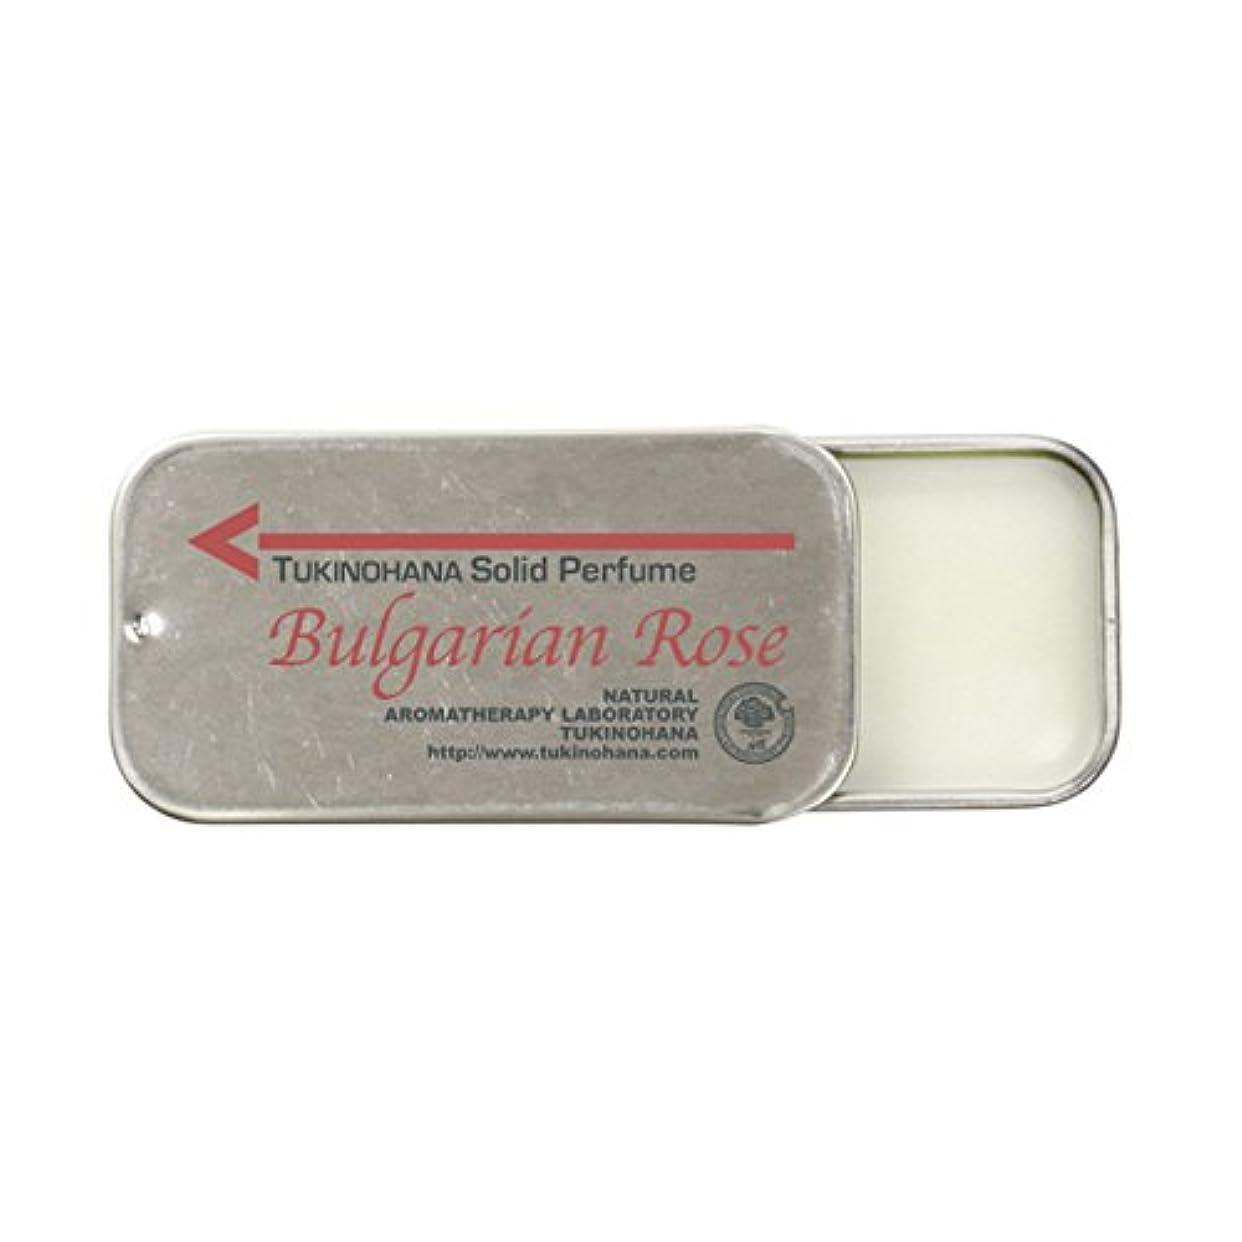 十分に収縮関係する【アロマソリッドパフューム】ブルガリアンローズの練り香水